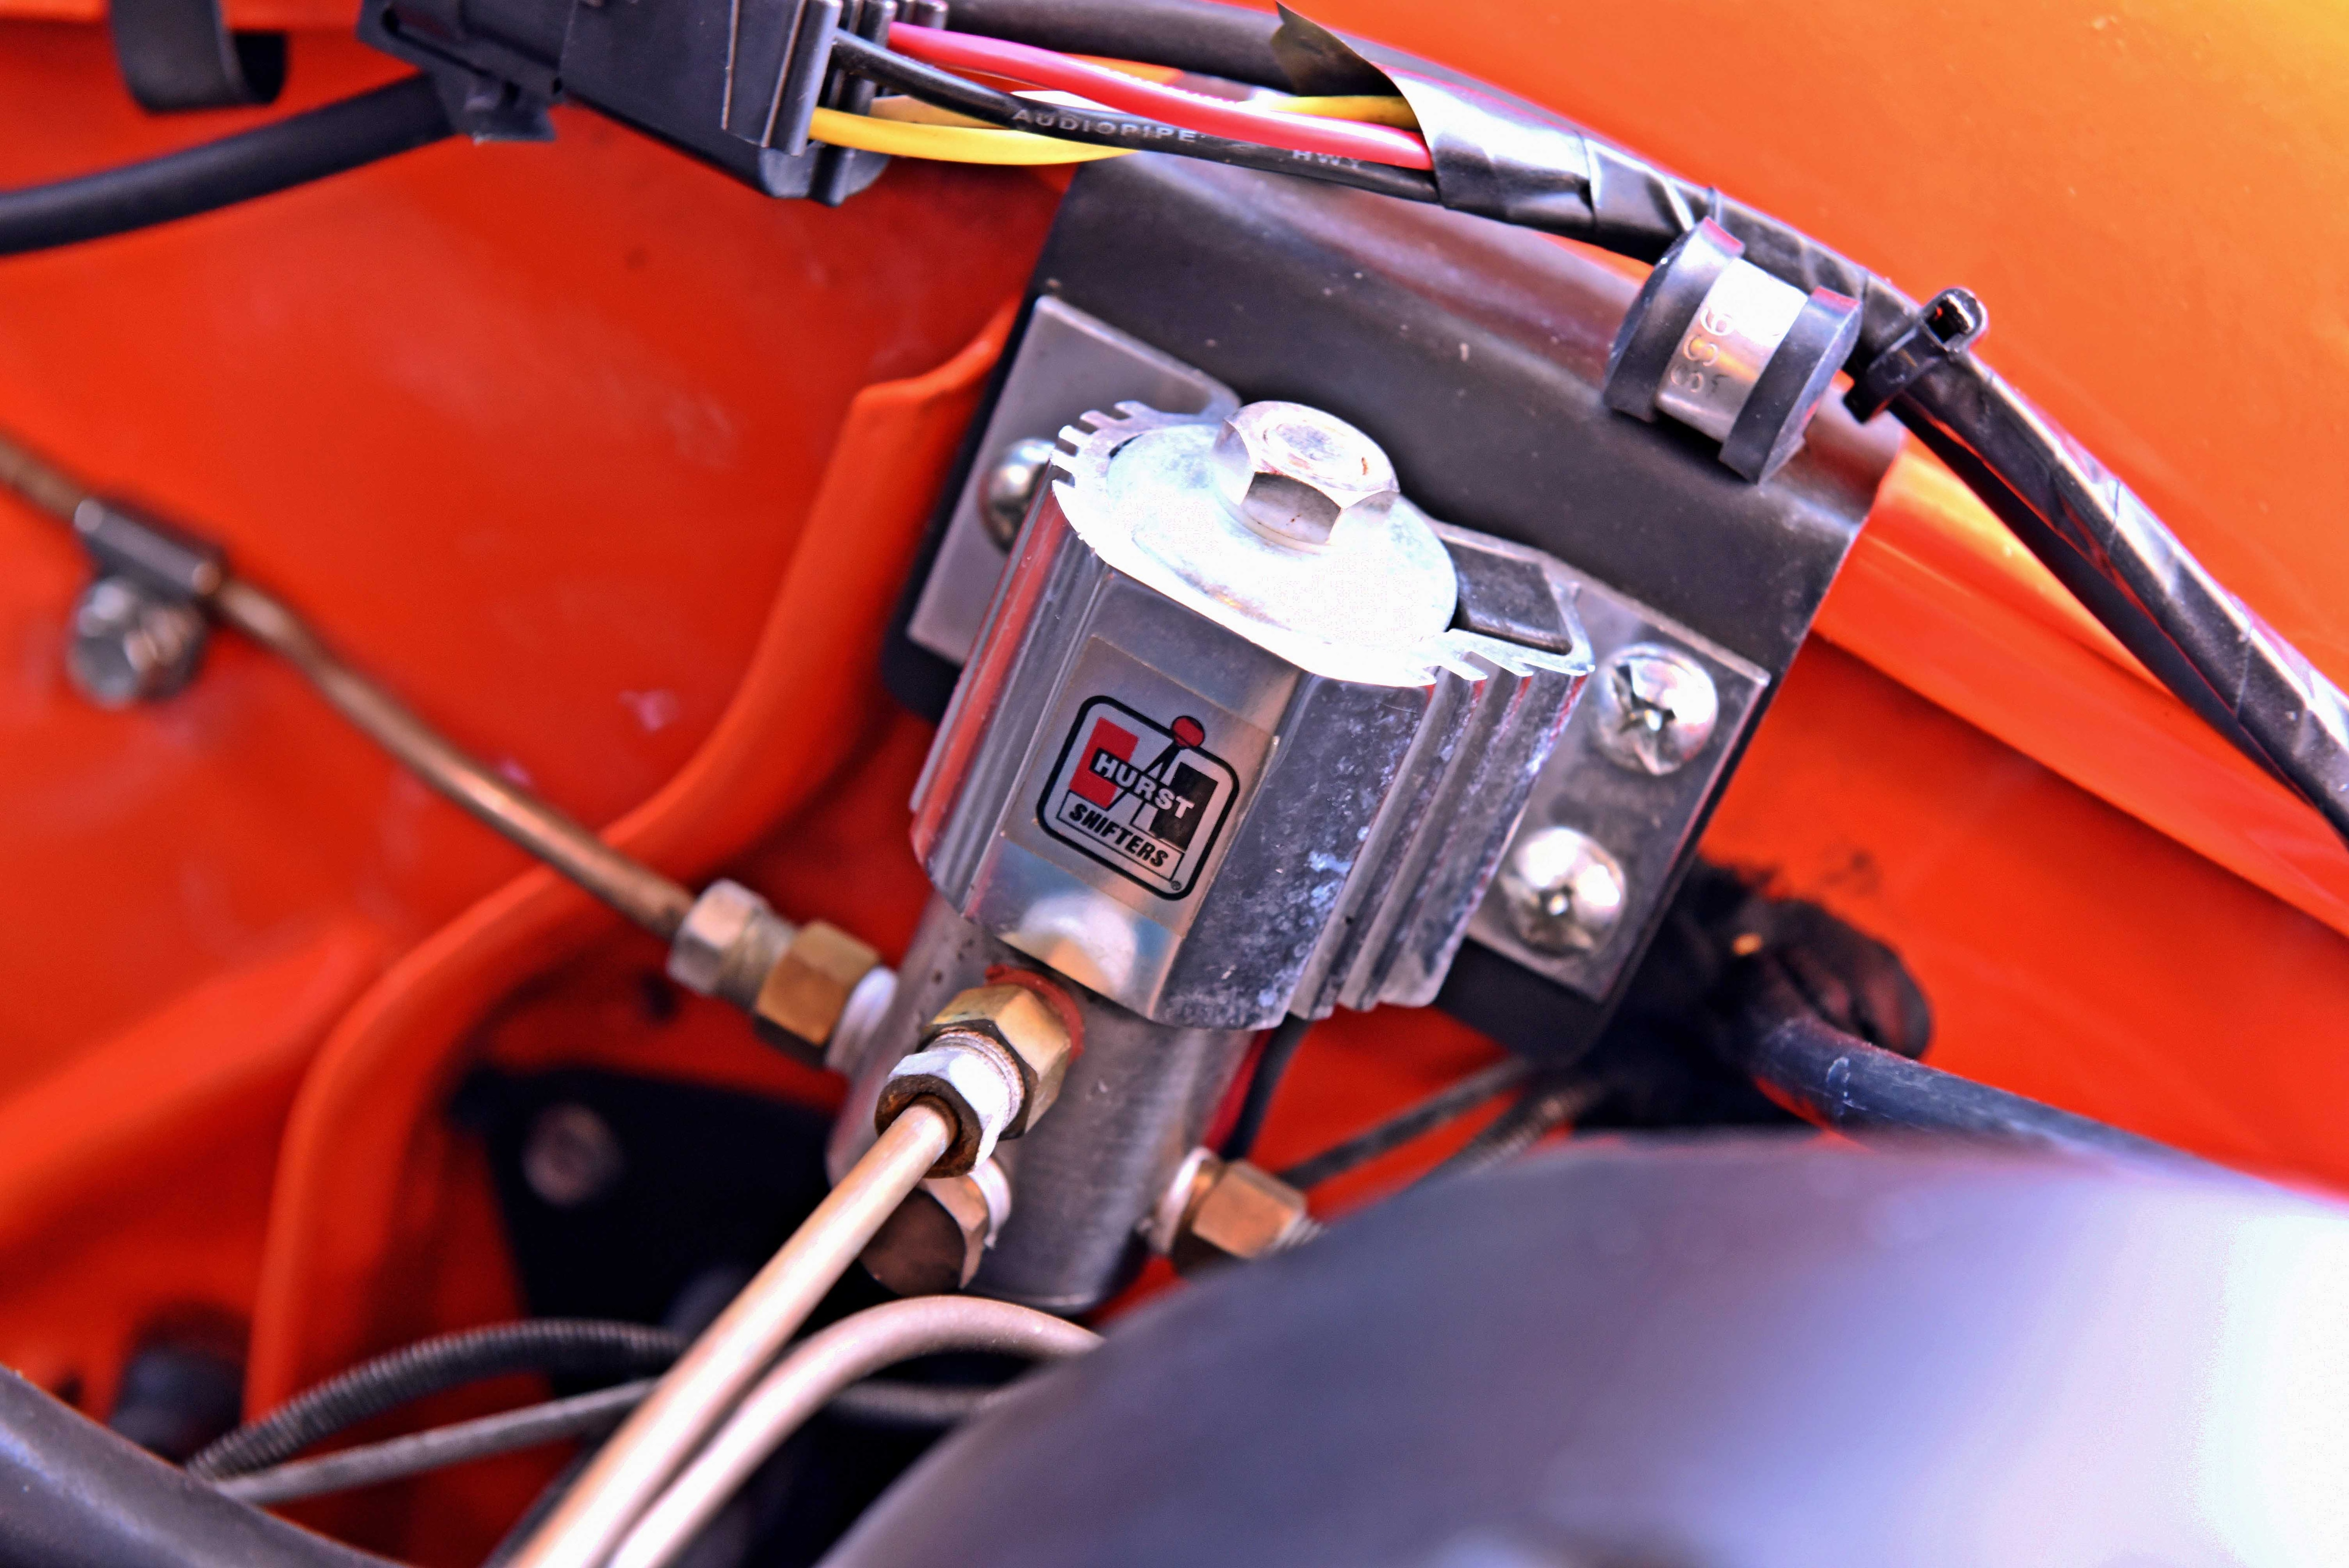 medium resolution of amc car wiring harness manufacturer wiring diagrams schematics auto headlight connectors gm wiring harness connector locking